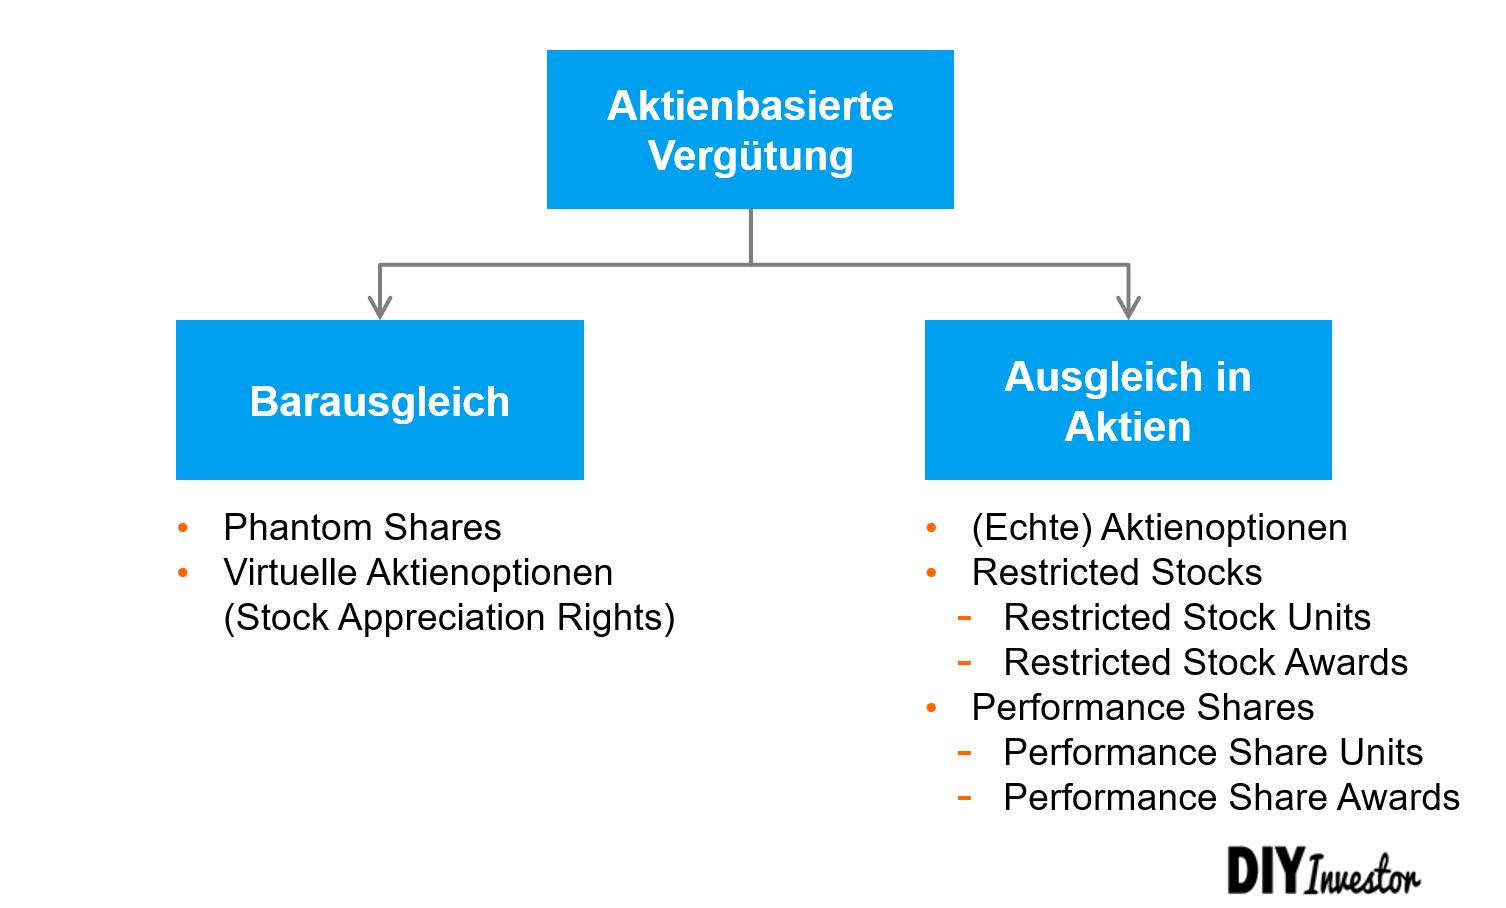 Aktienbasierte Vergütung - Instrumente